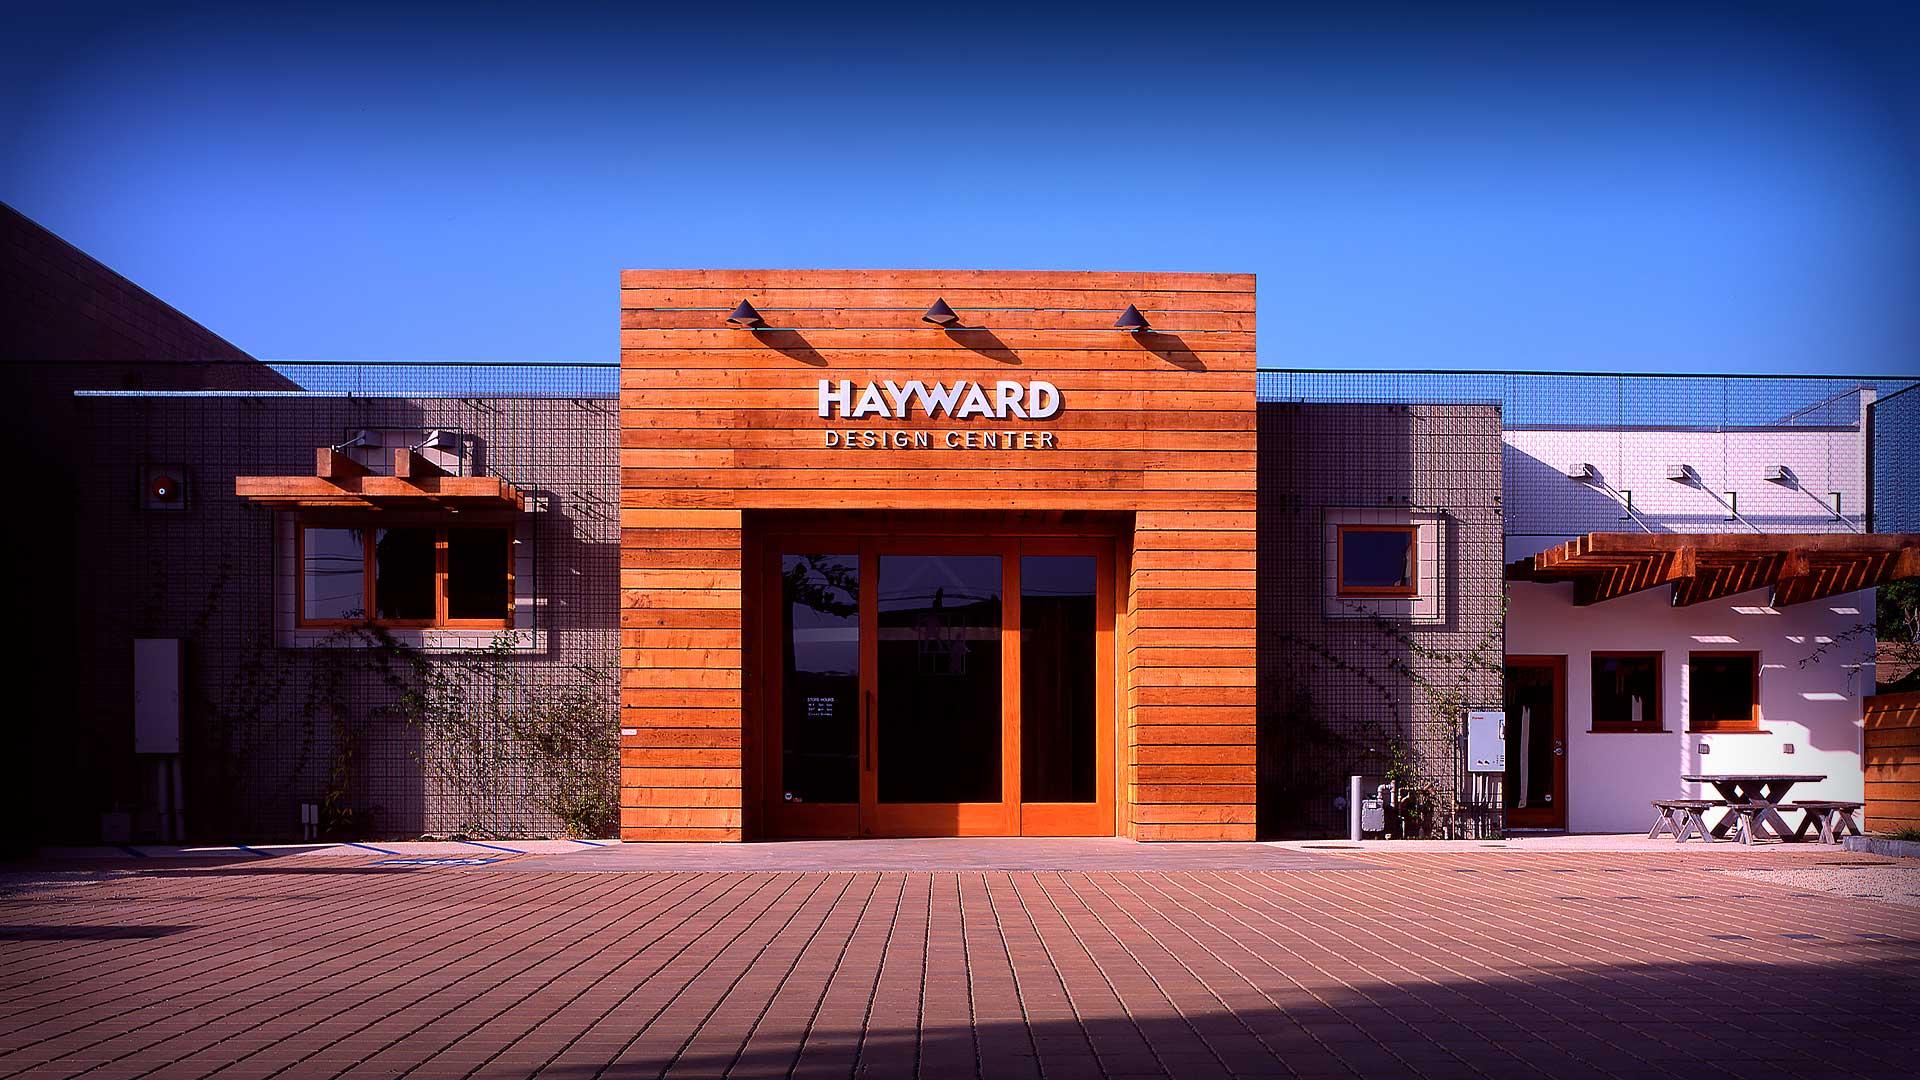 hayward-design-center-1920×1080-01a